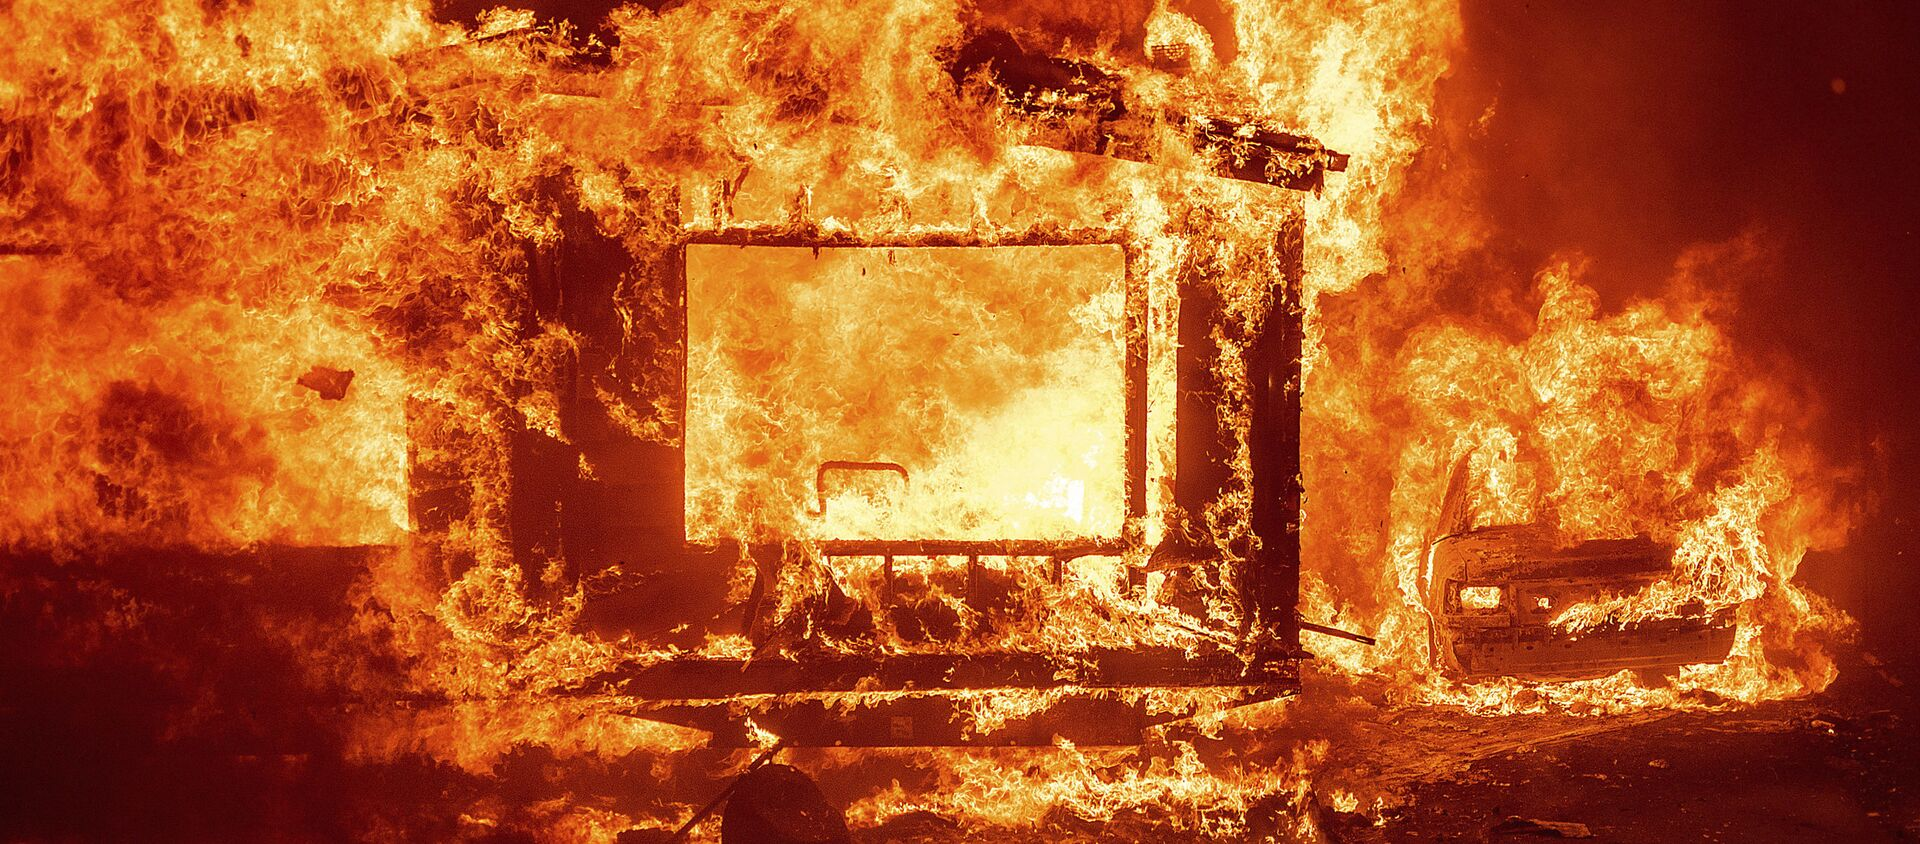 Горящие дом и автомобиль в округе Напа в Калифорнии во время лесных пожаров - Sputnik Արմենիա, 1920, 13.09.2020